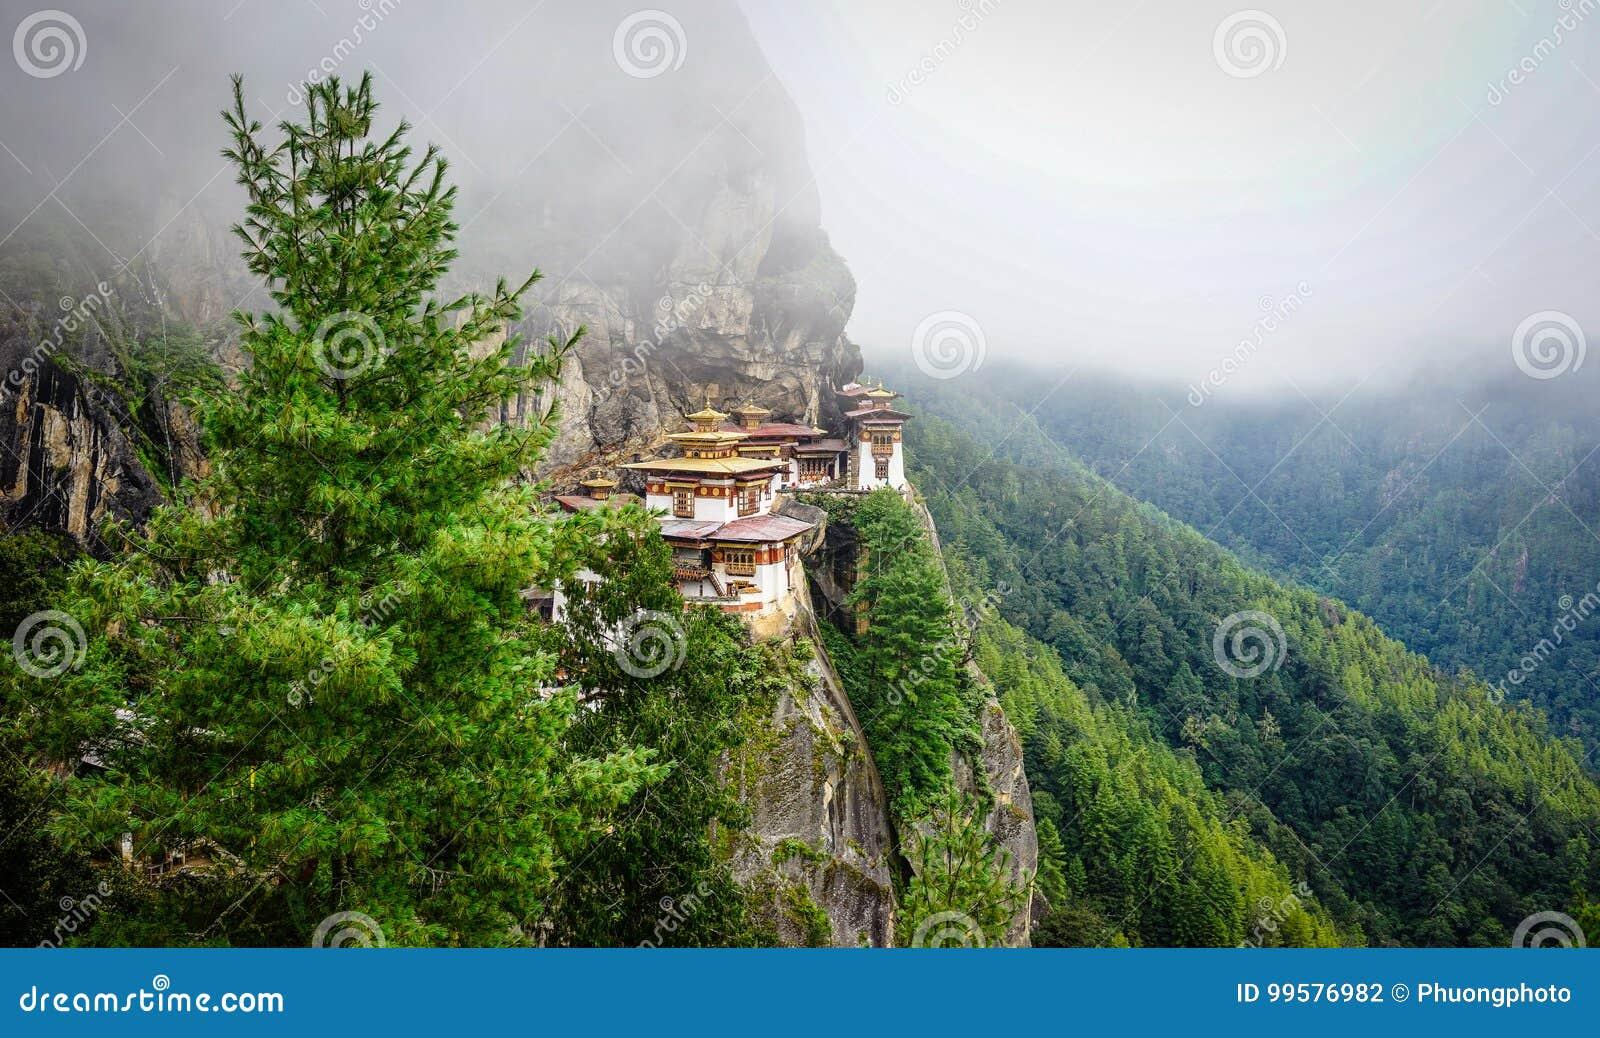 Paro Taktsang Tiger Nest in Bhutan